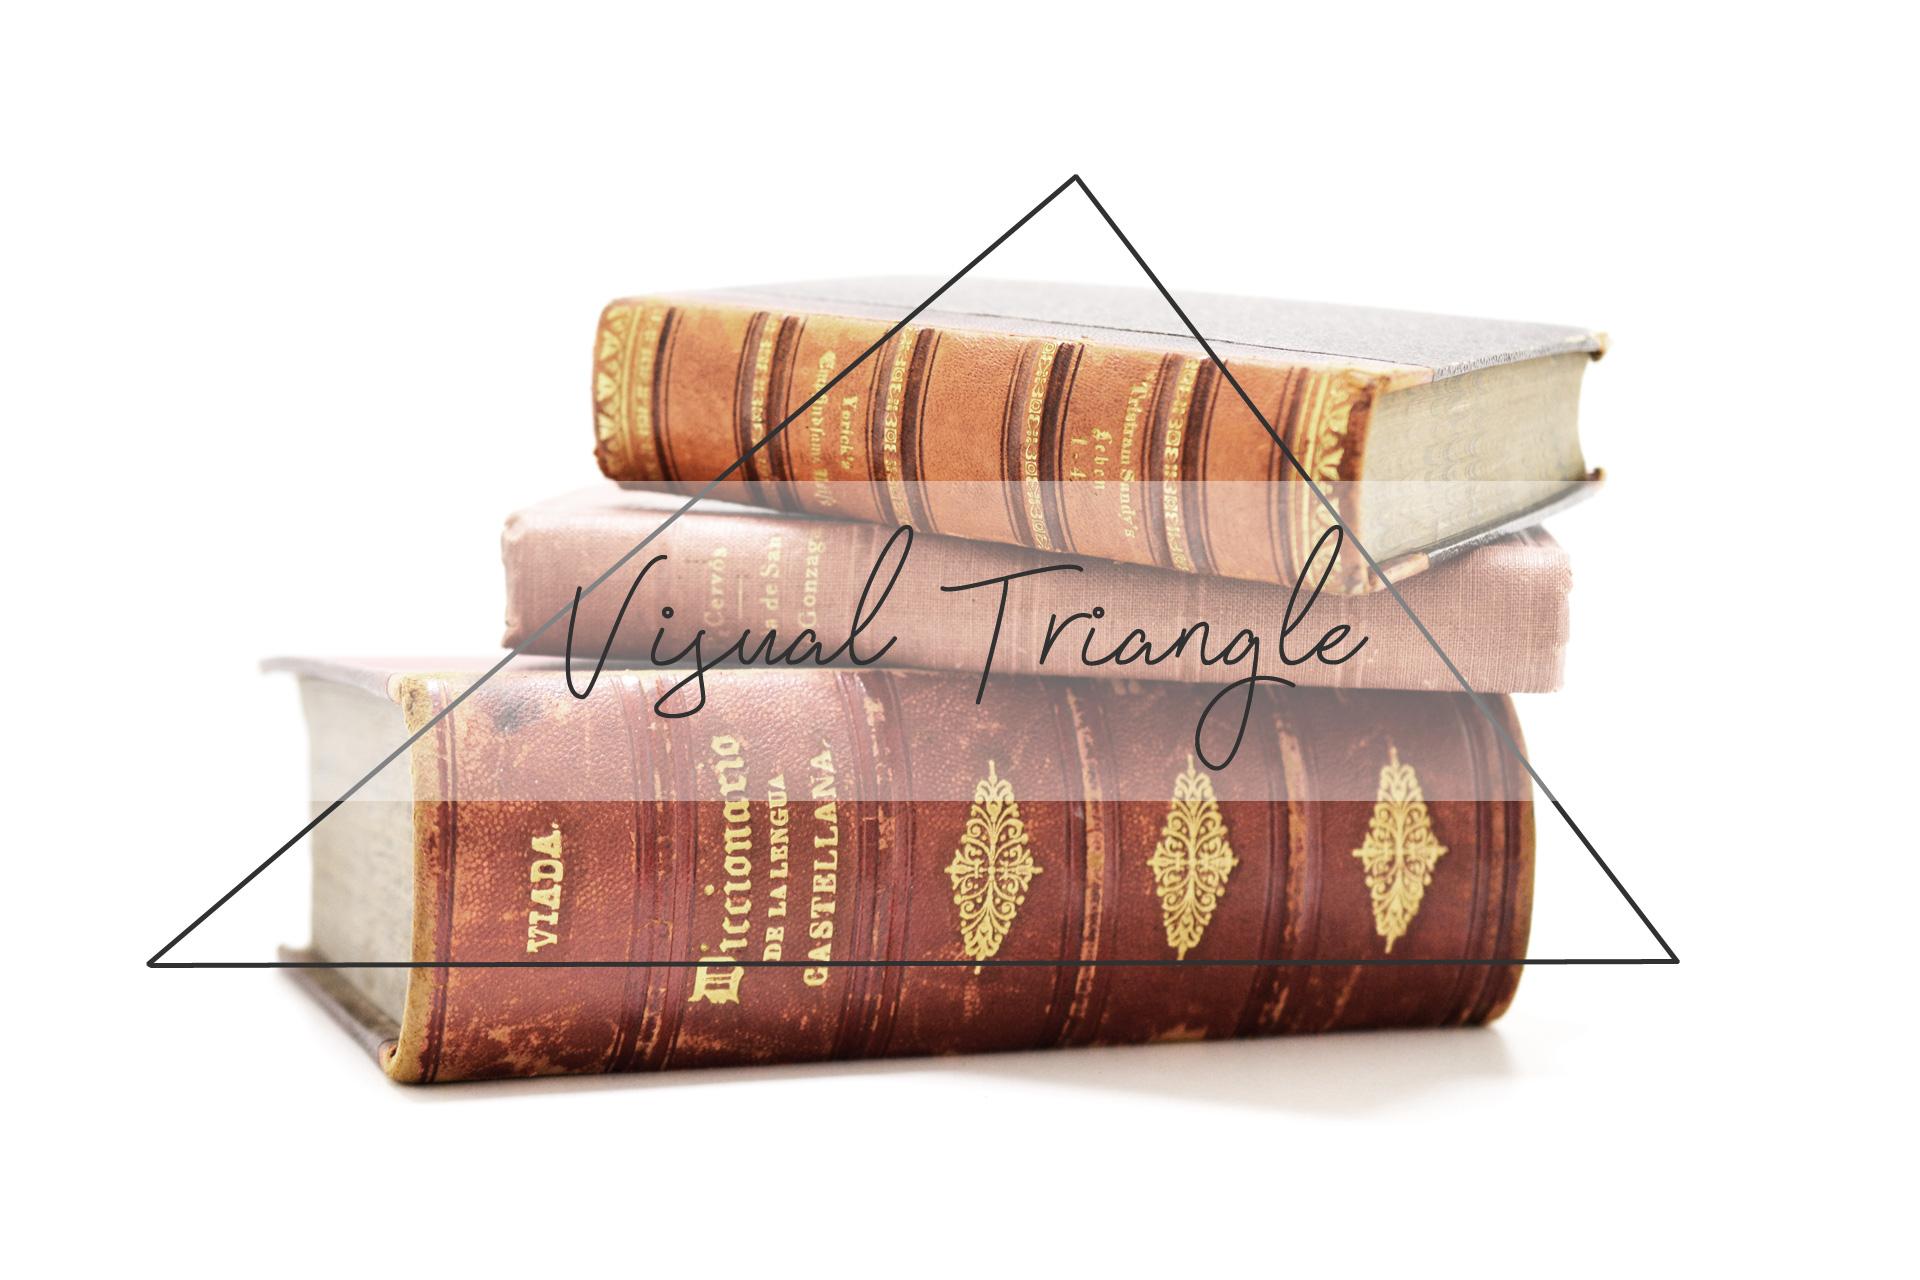 三角形を意識して積み上げた本のディスプレイ